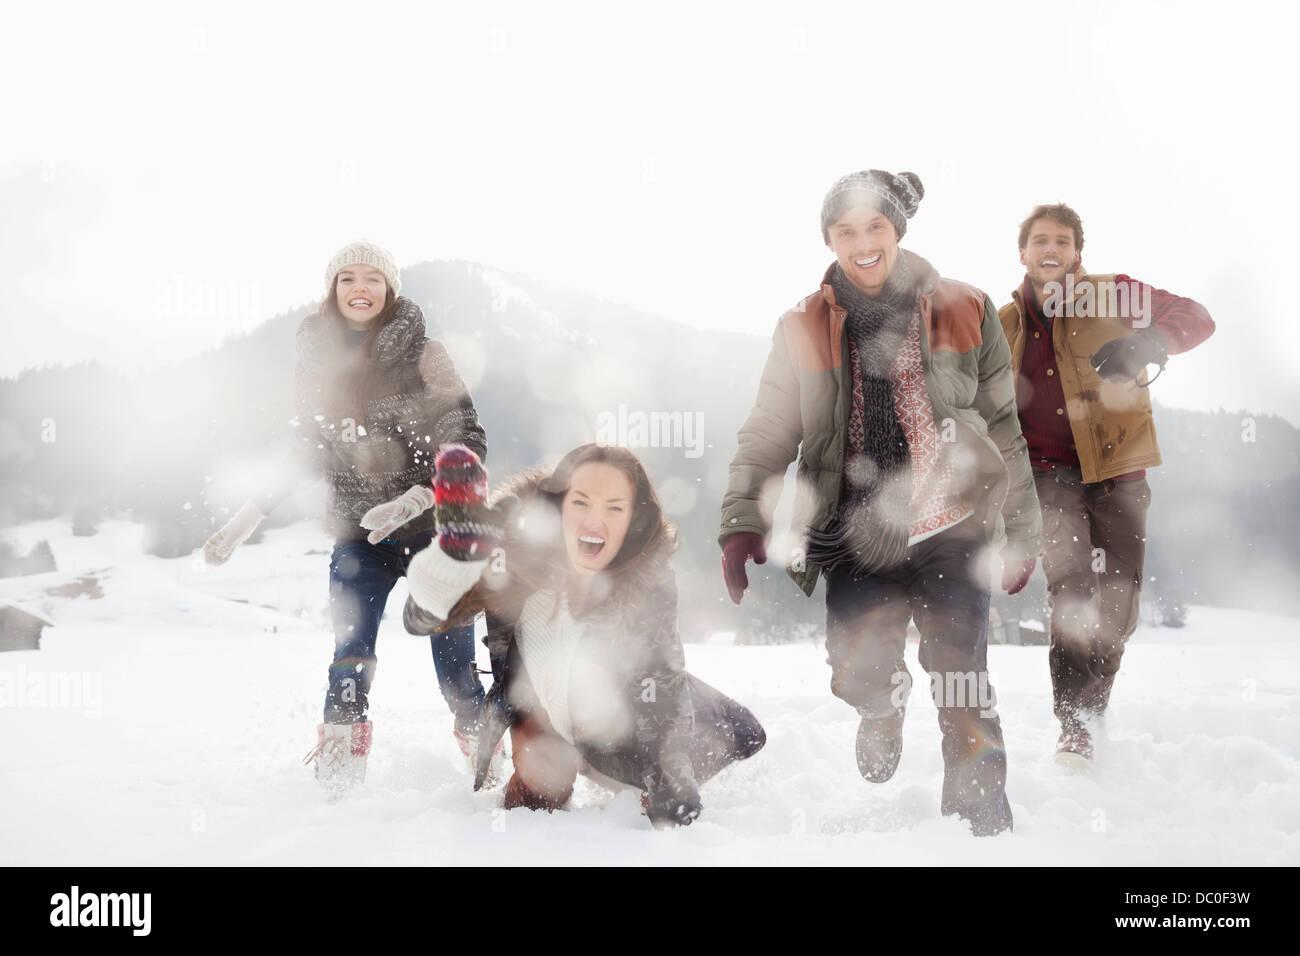 Retrato de amigos jugando en campo nevado Imagen De Stock